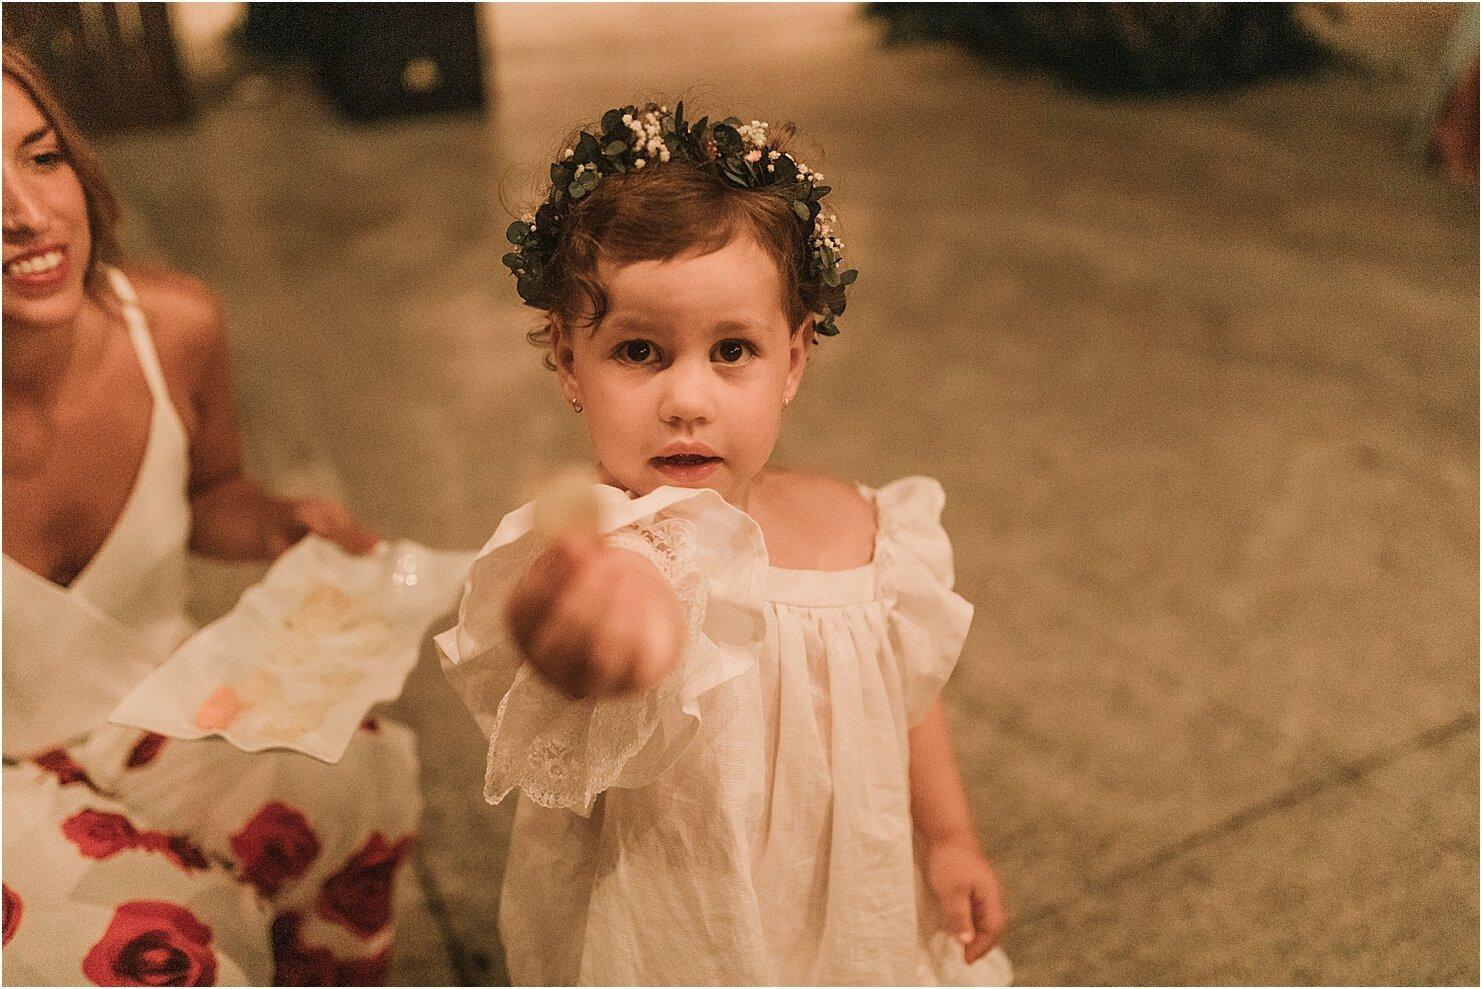 boda-romantica-boda-boho-vestido-de-novia-laura-lomas61.jpg